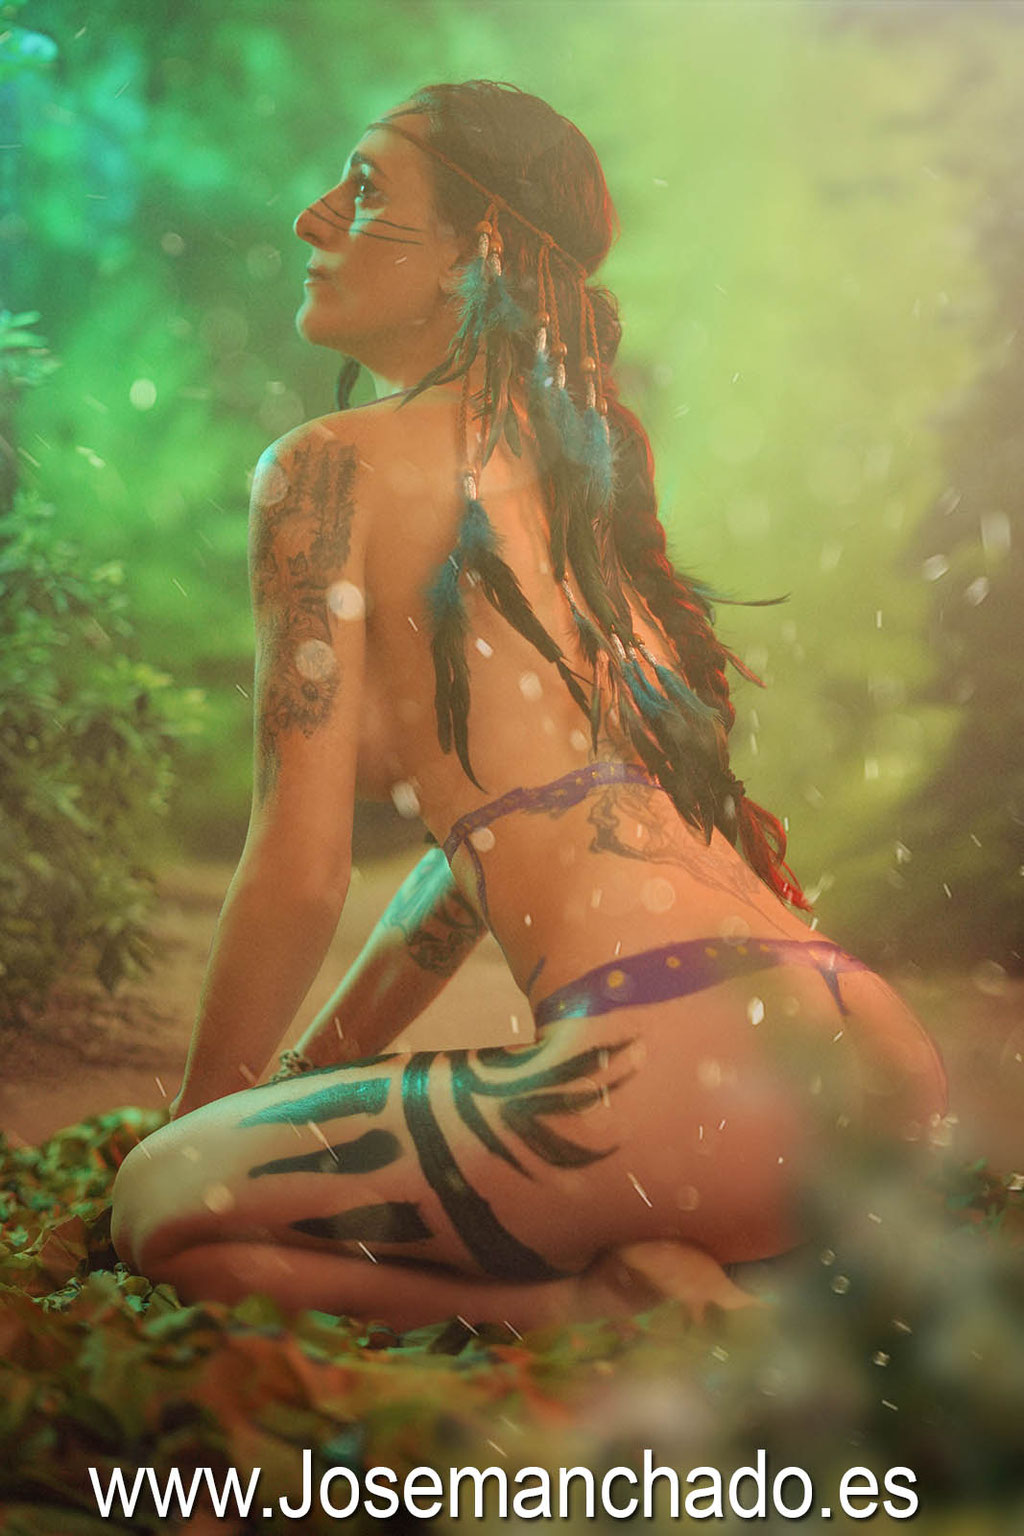 bodypaint india, book fotos originales madrid, sesion de fotos india, seccion fotos desnudo, erotic, erotic photo madrid